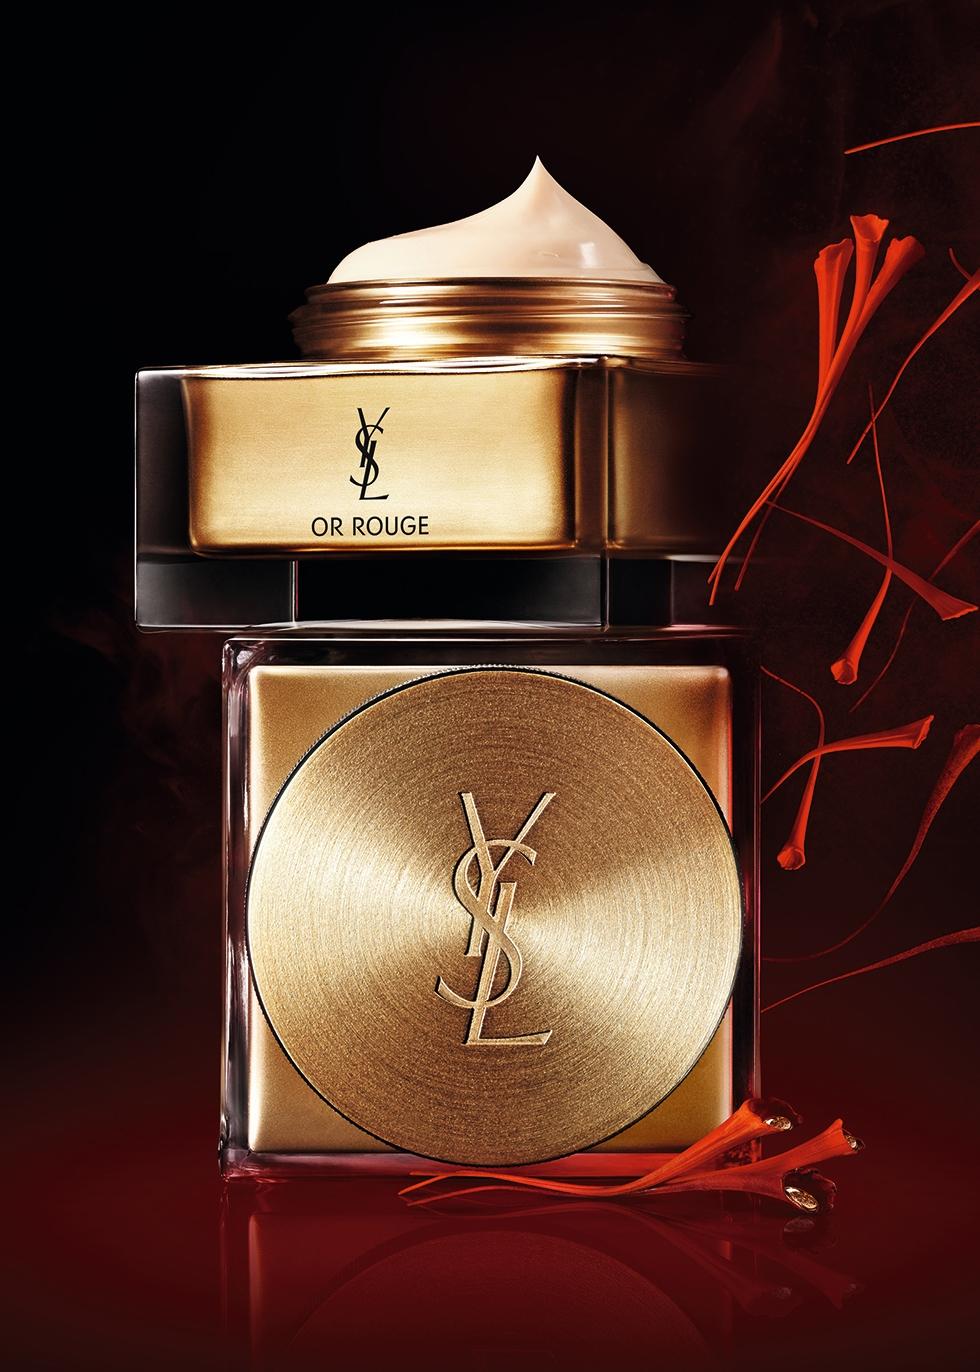 Or Rouge Crème 50ml - Yves Saint Laurent